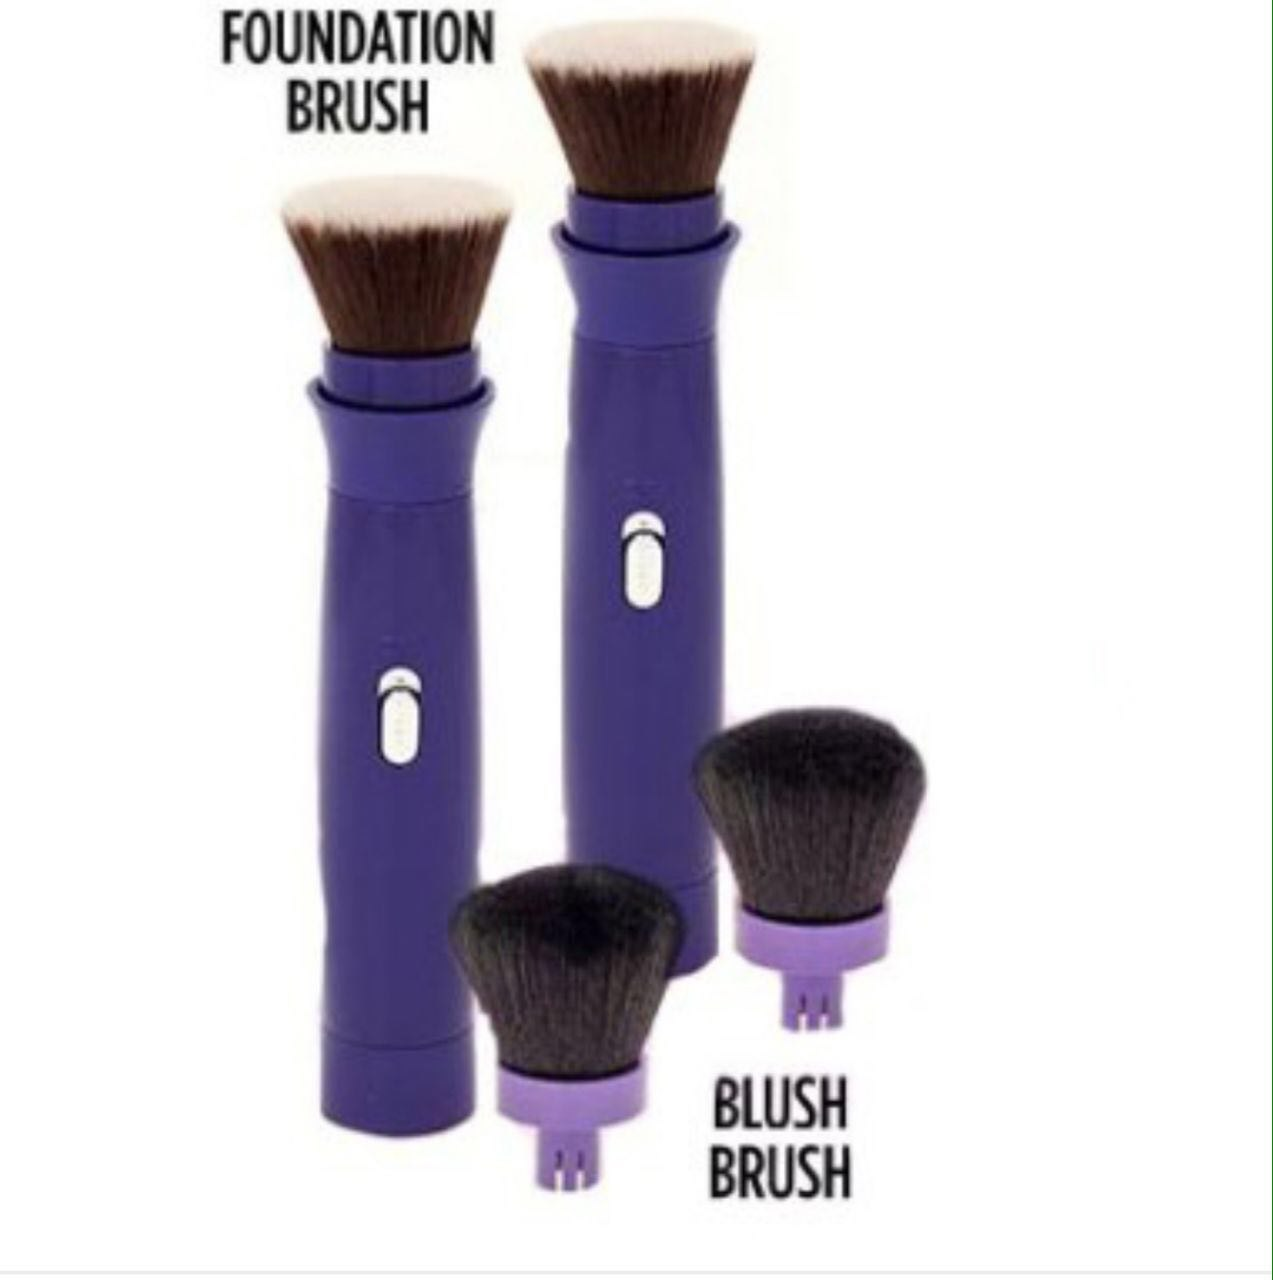 خرید آنلاین  فرچه آرایش حرفه ای دو کاره باطری خور